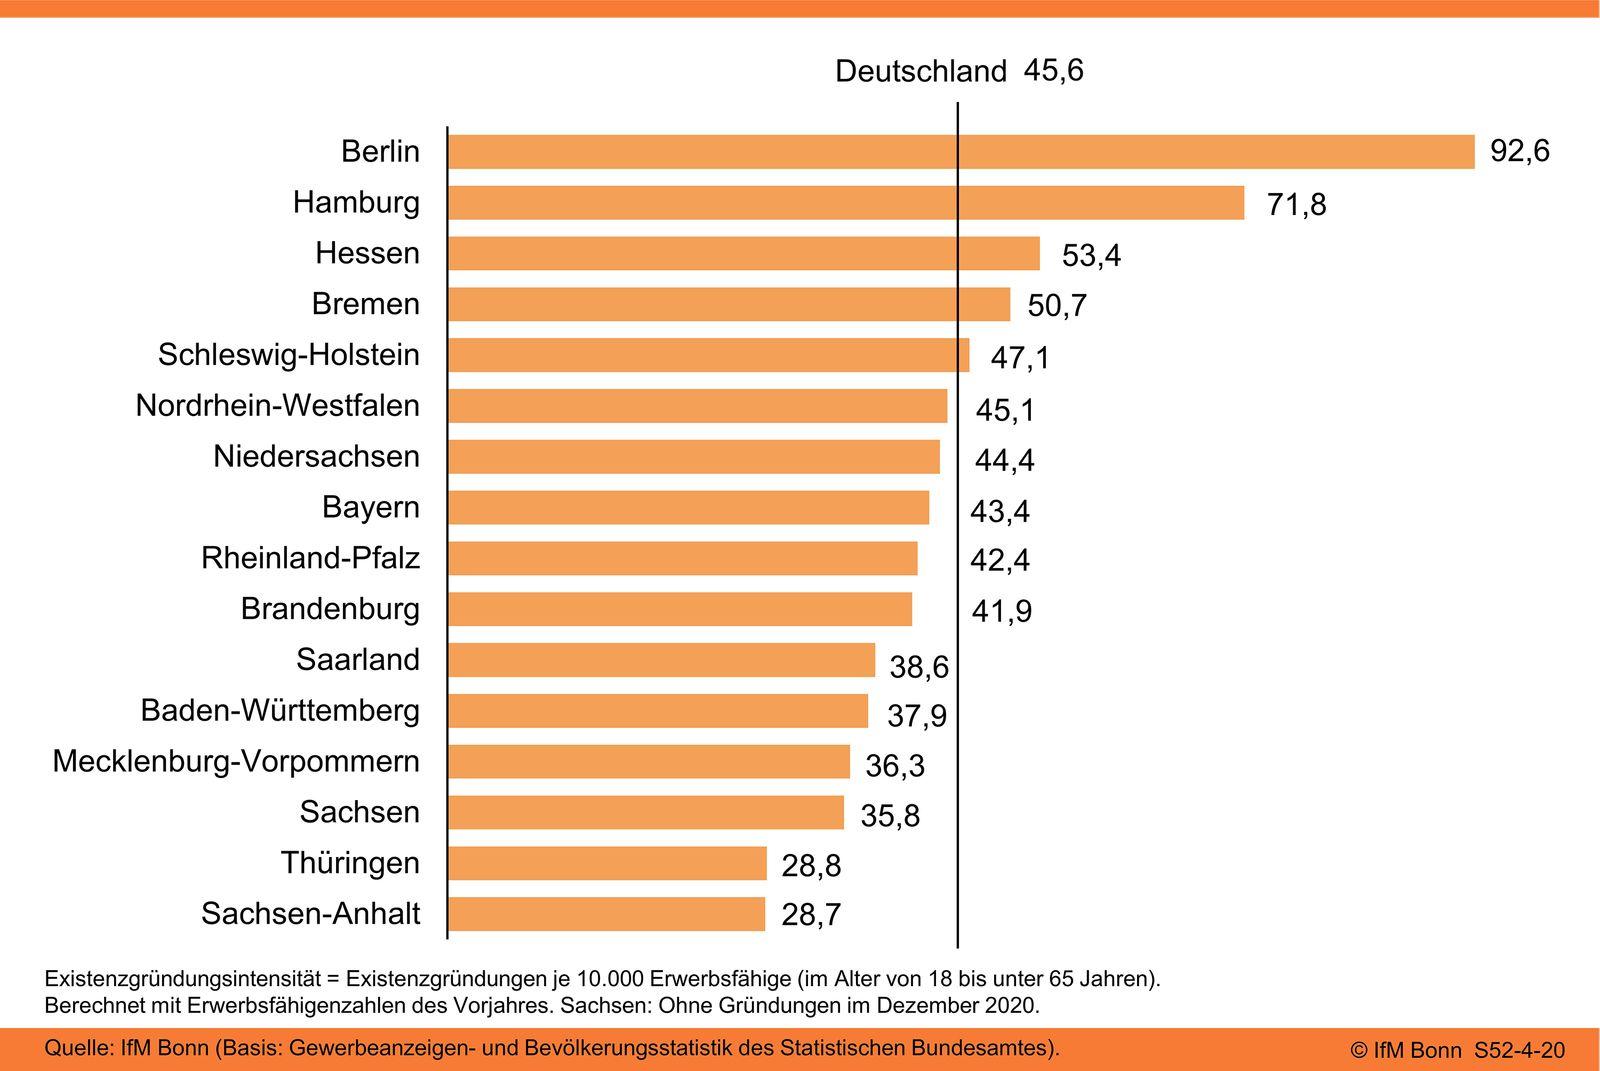 Gewerbliche Existenzgründungsintensität in den Bundesländern 2020